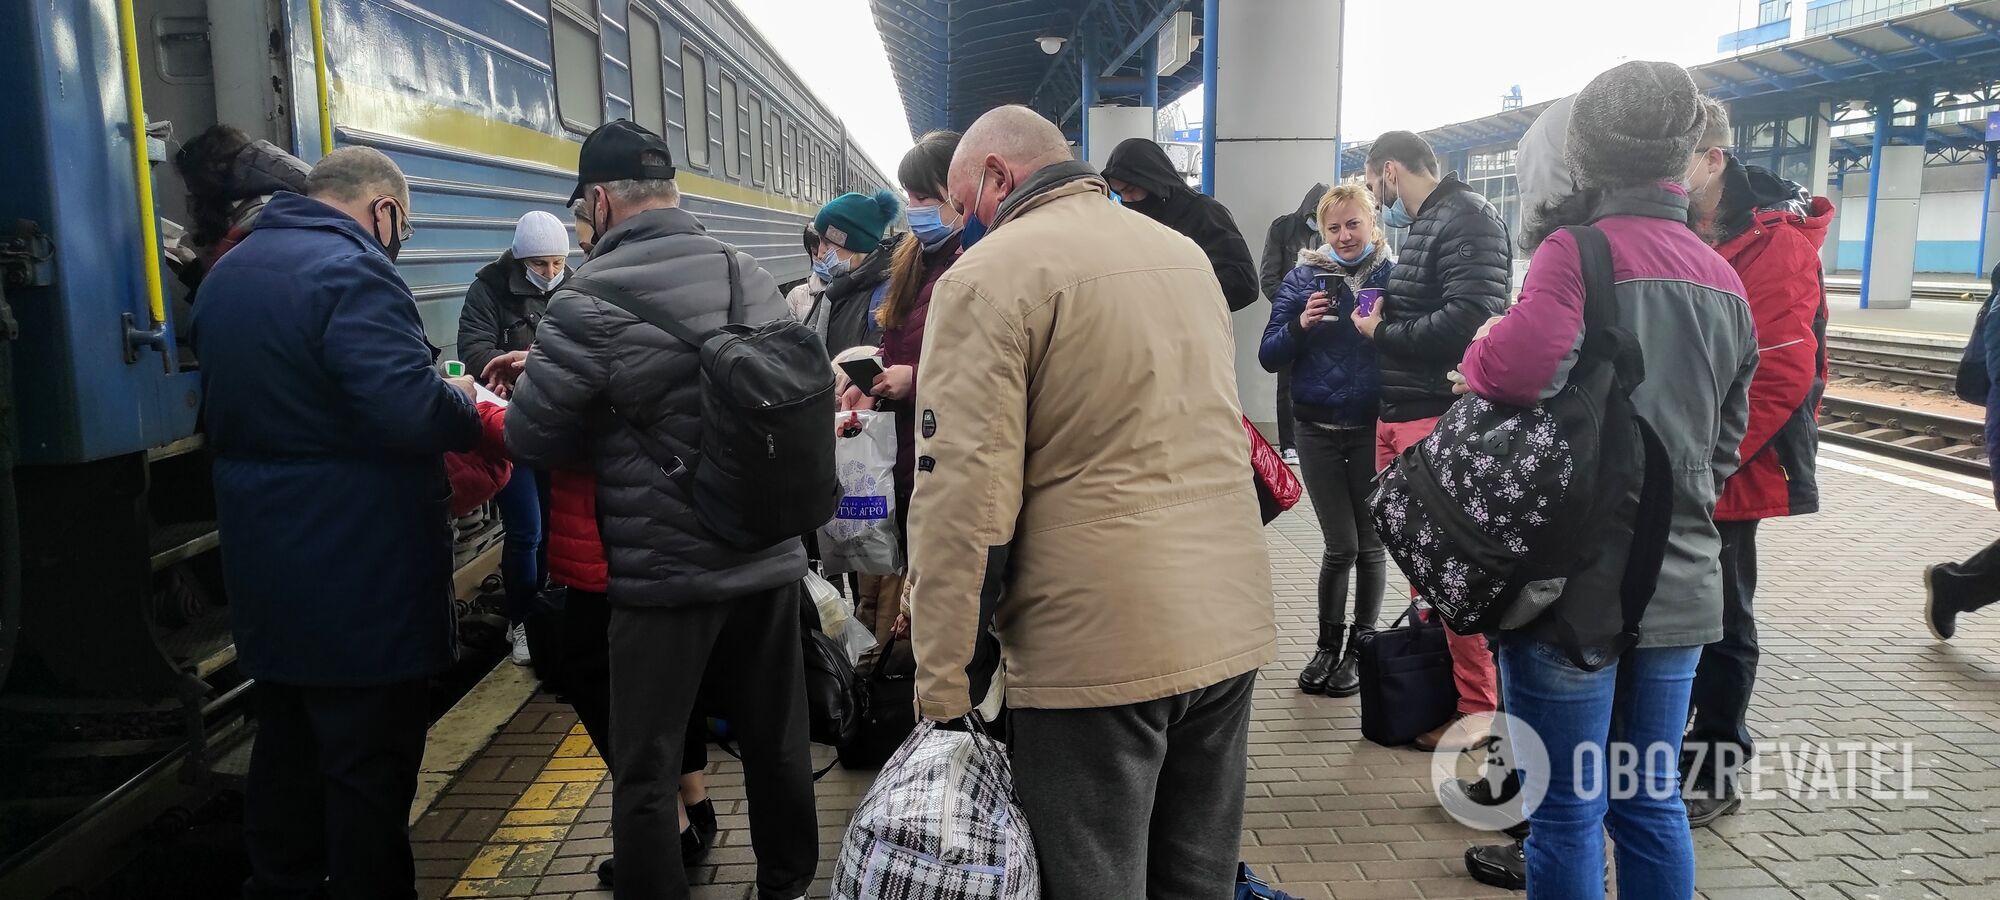 Пассажиры начинают соблюдать дистанцию после замечания.